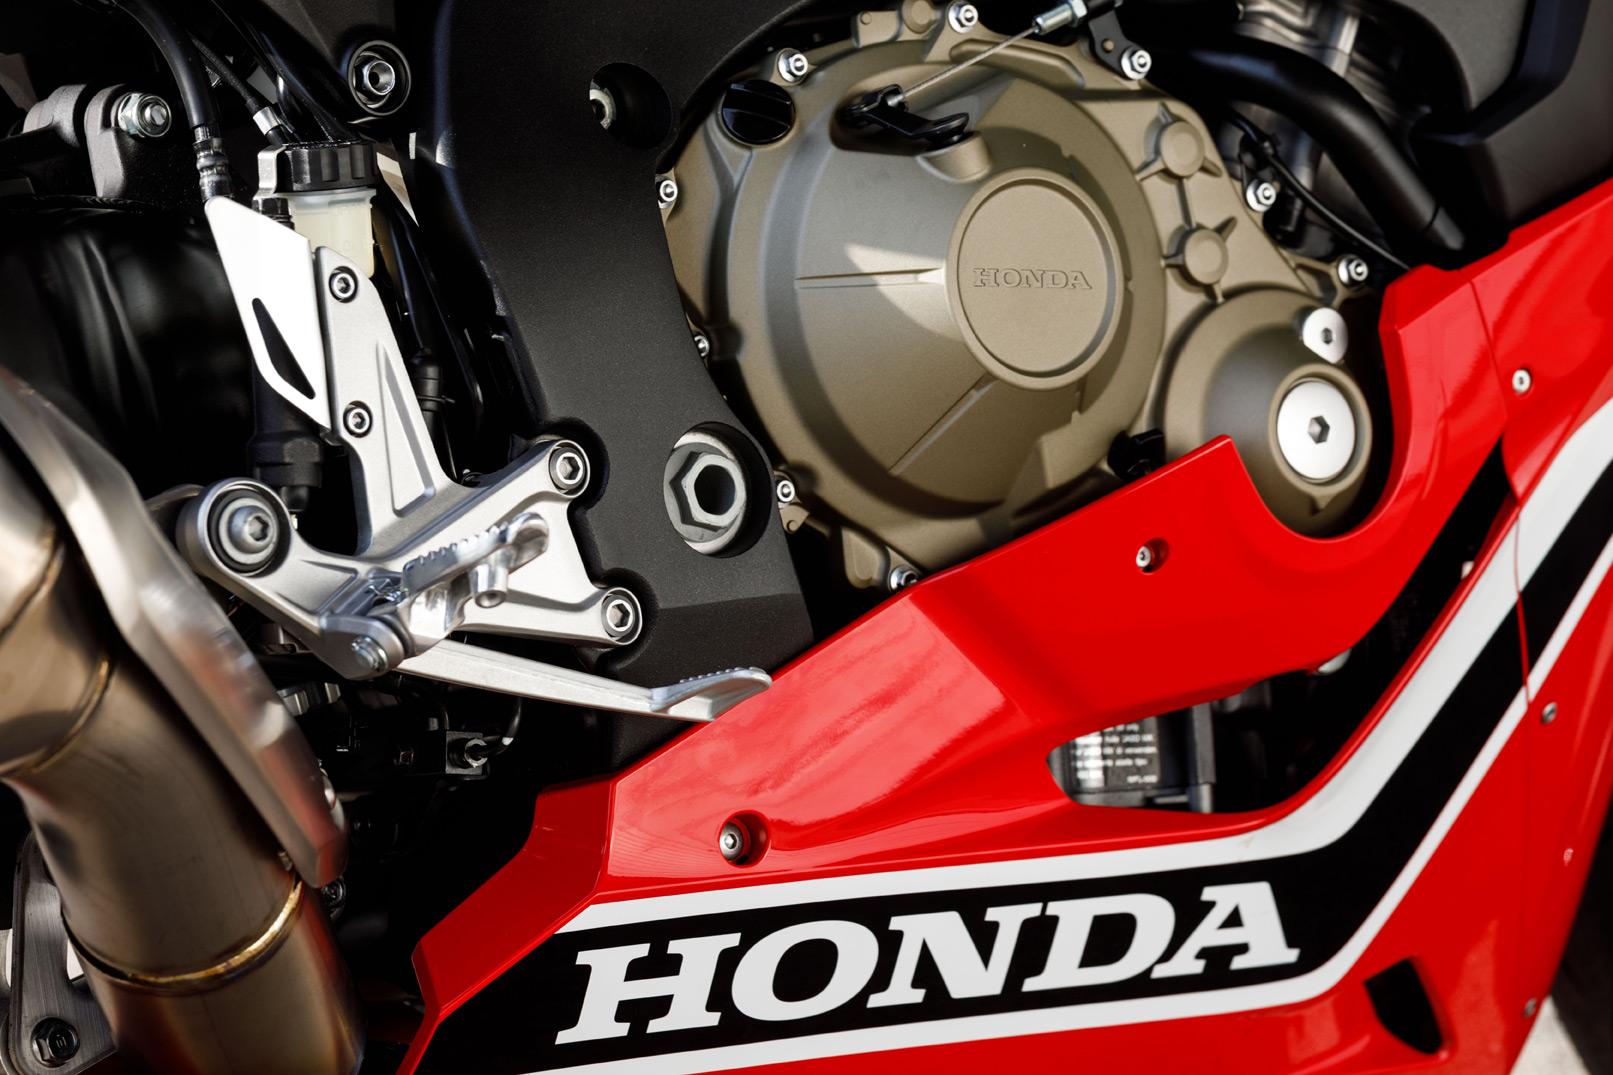 2017 Honda Cbr1000rr Fireblade And Fireblade Sp Eview Visordown